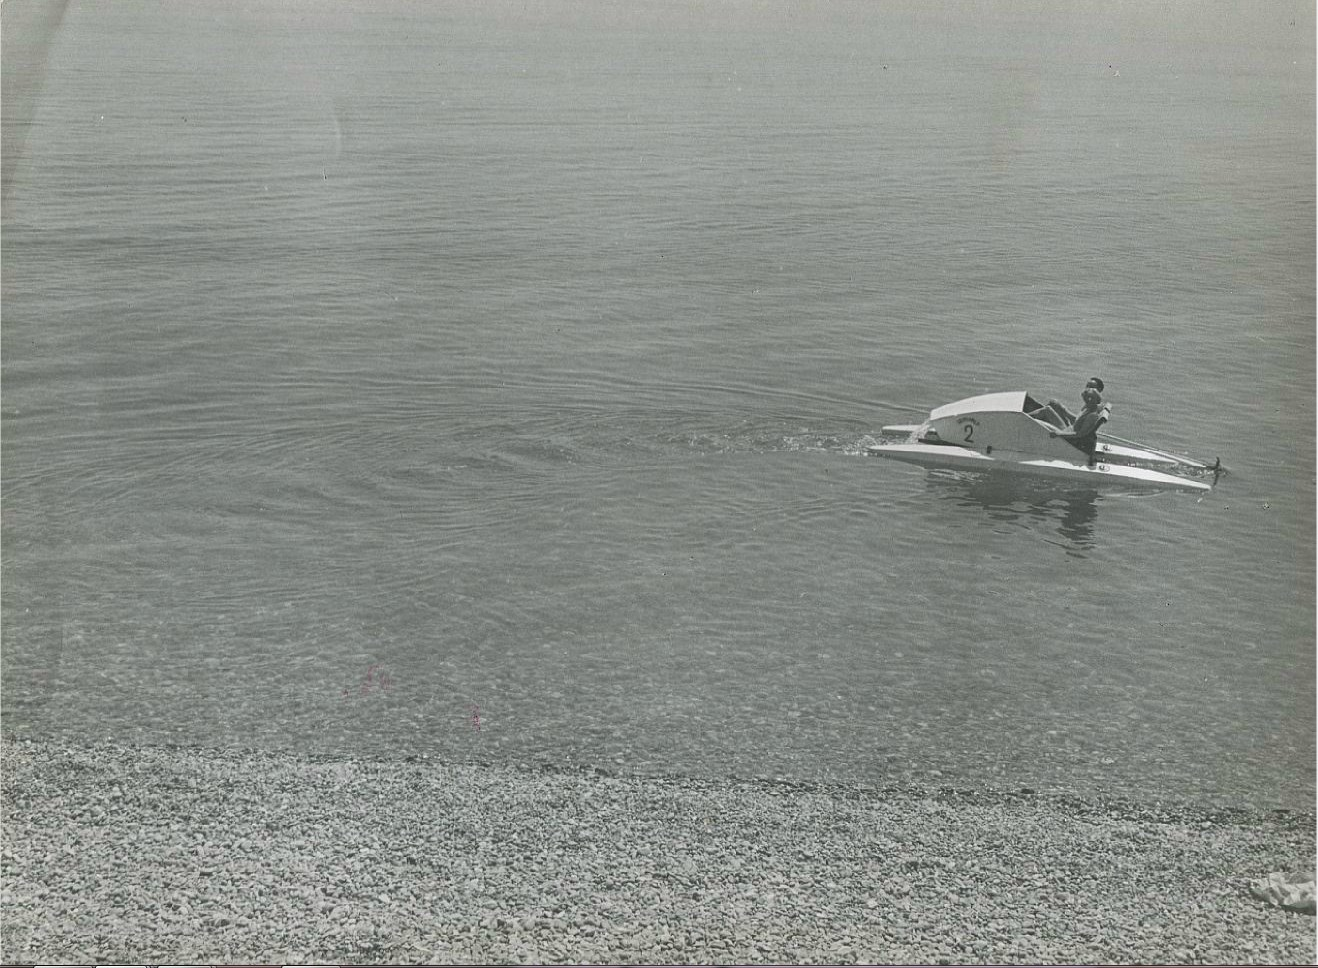 Пикап на пляже при помощи катамарана. Часть 4